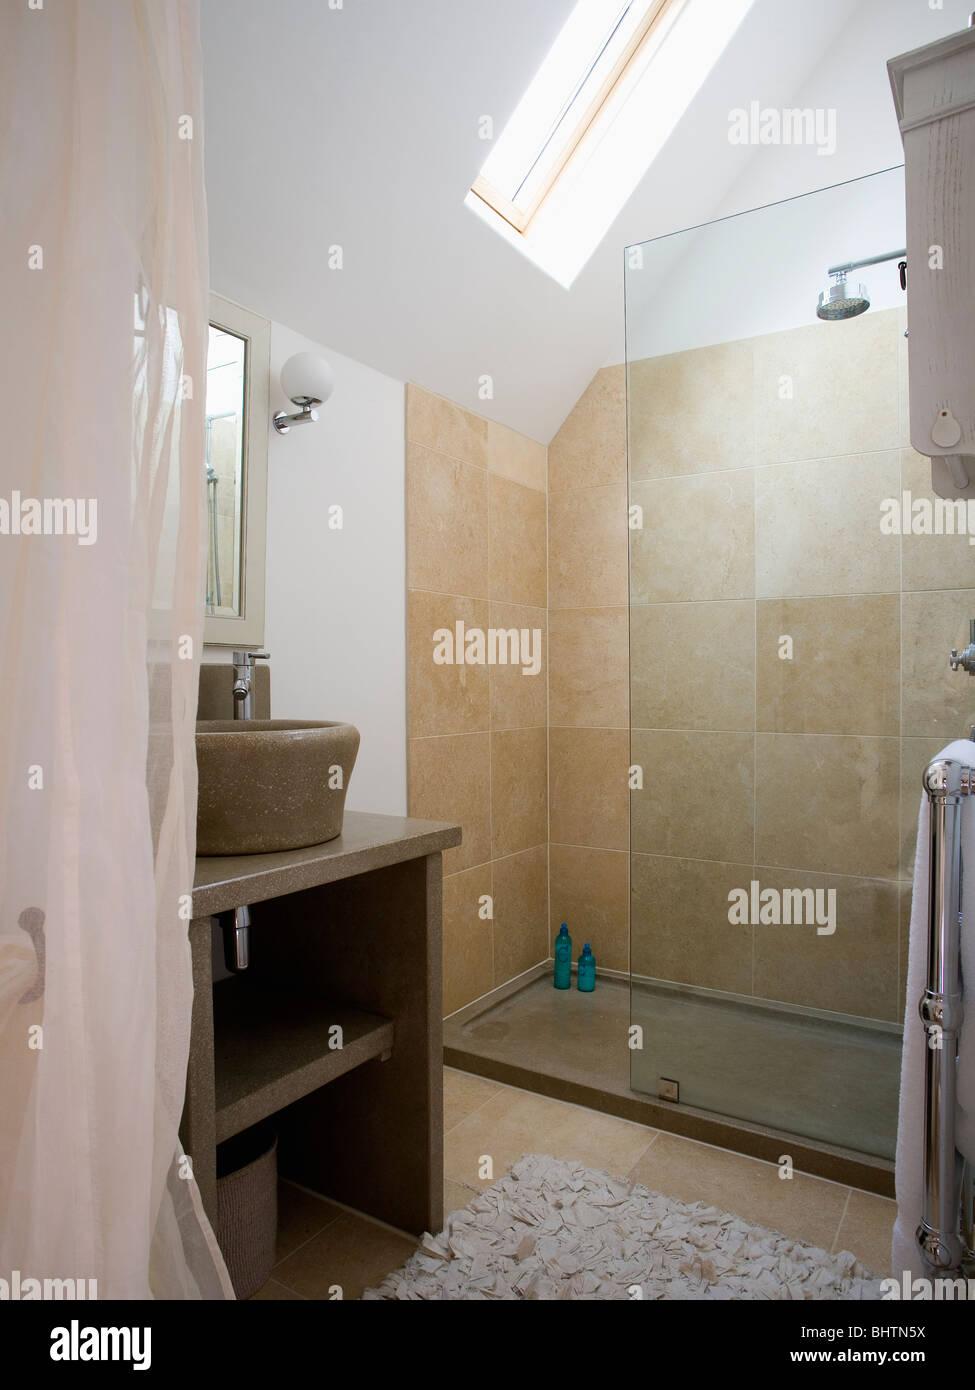 Glas Trennwand Auf Große Begehbare Dusche Mit Beige Fliesen In Modernen  Loft Umbau Badezimmer